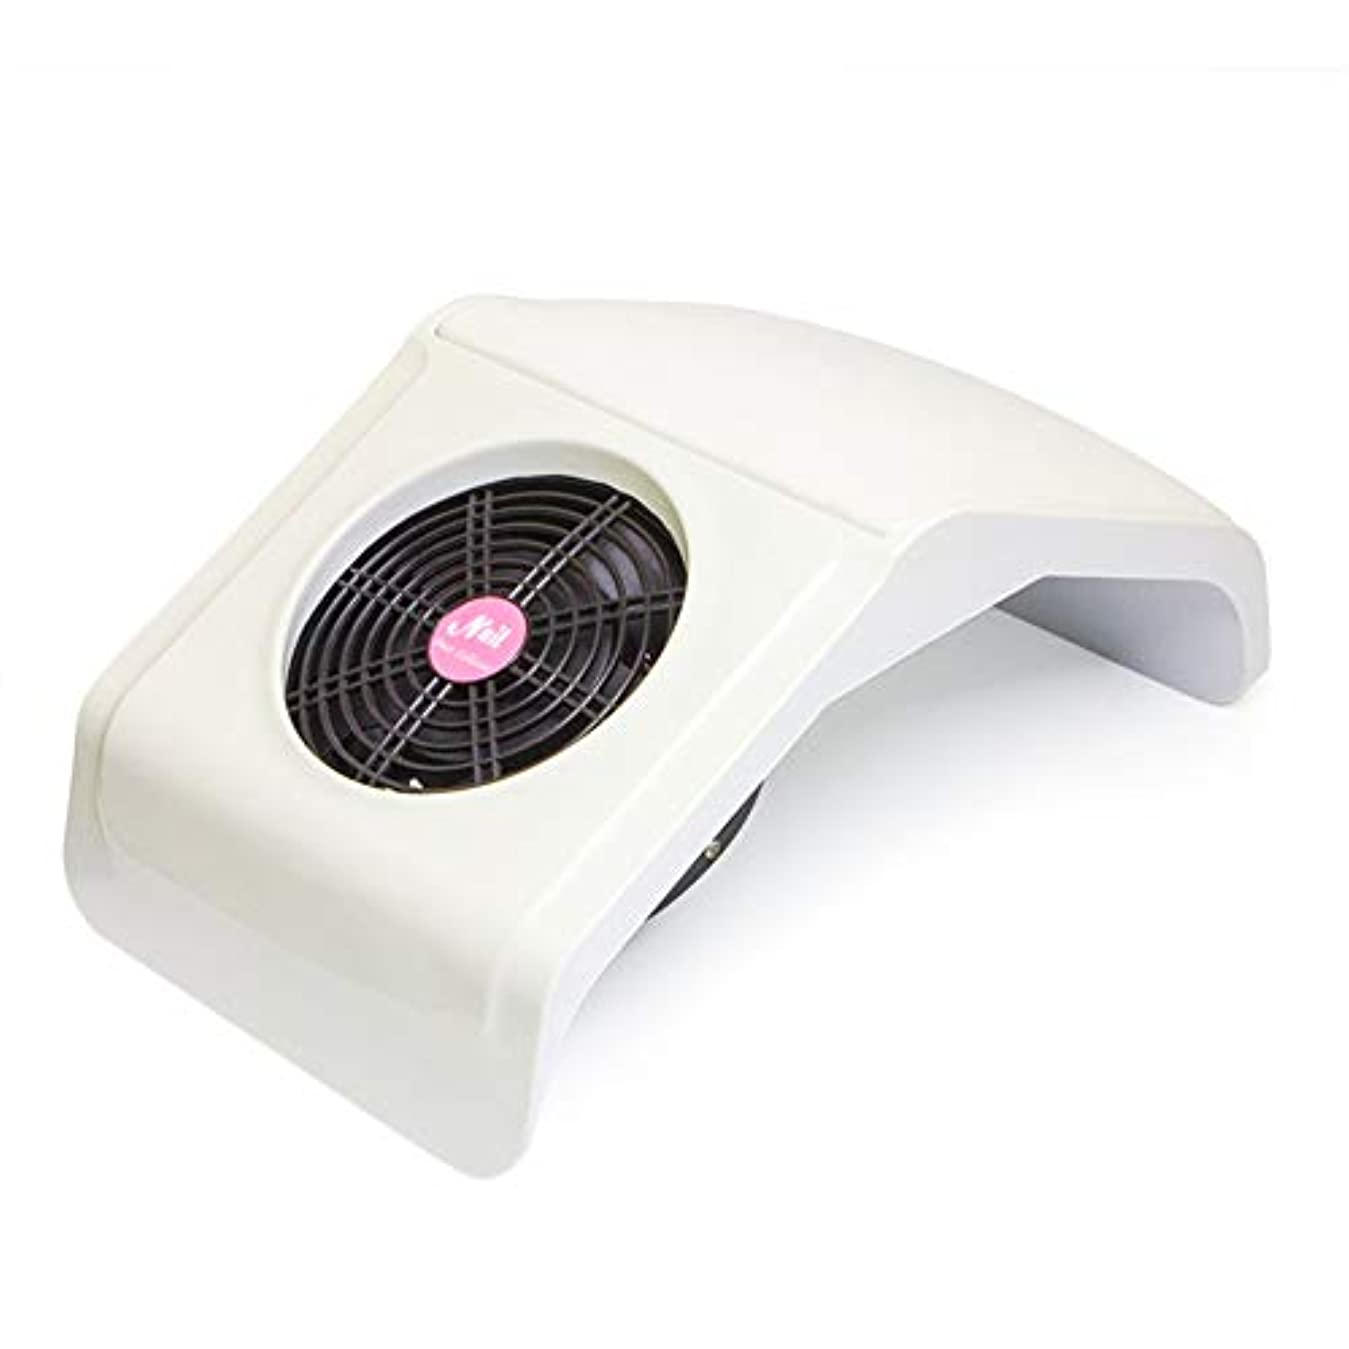 神経衰弱宣教師アスレチック220v ネイルファンアクリル UV ゲルドライヤーマシンネイルダストコレクタアートサロン吸引集塵機真空30ワットクリーナー